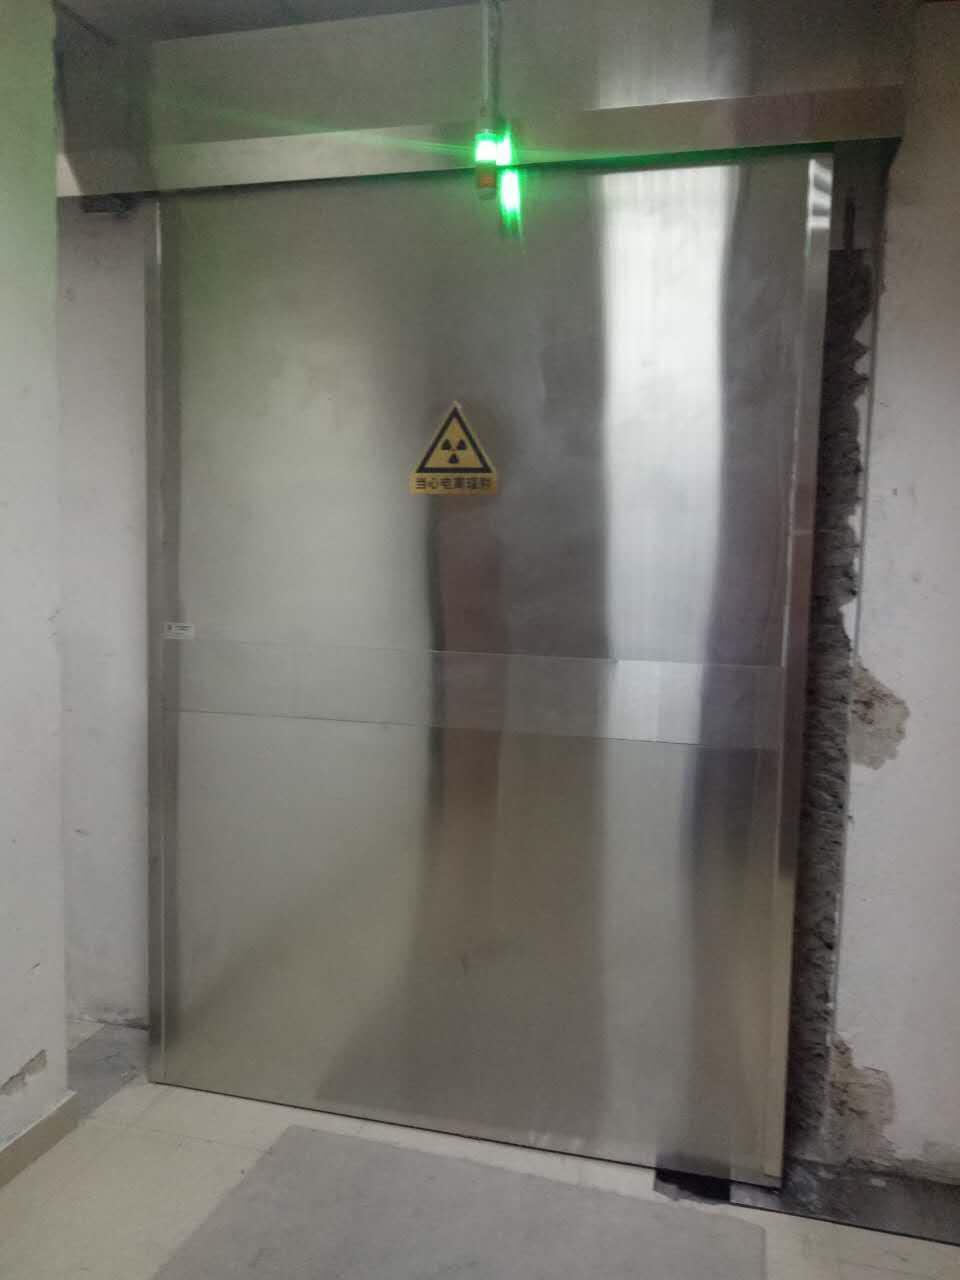 供应河北霍顿科技 X射线防护门-河北霍顿科技有限公司-慧聪网